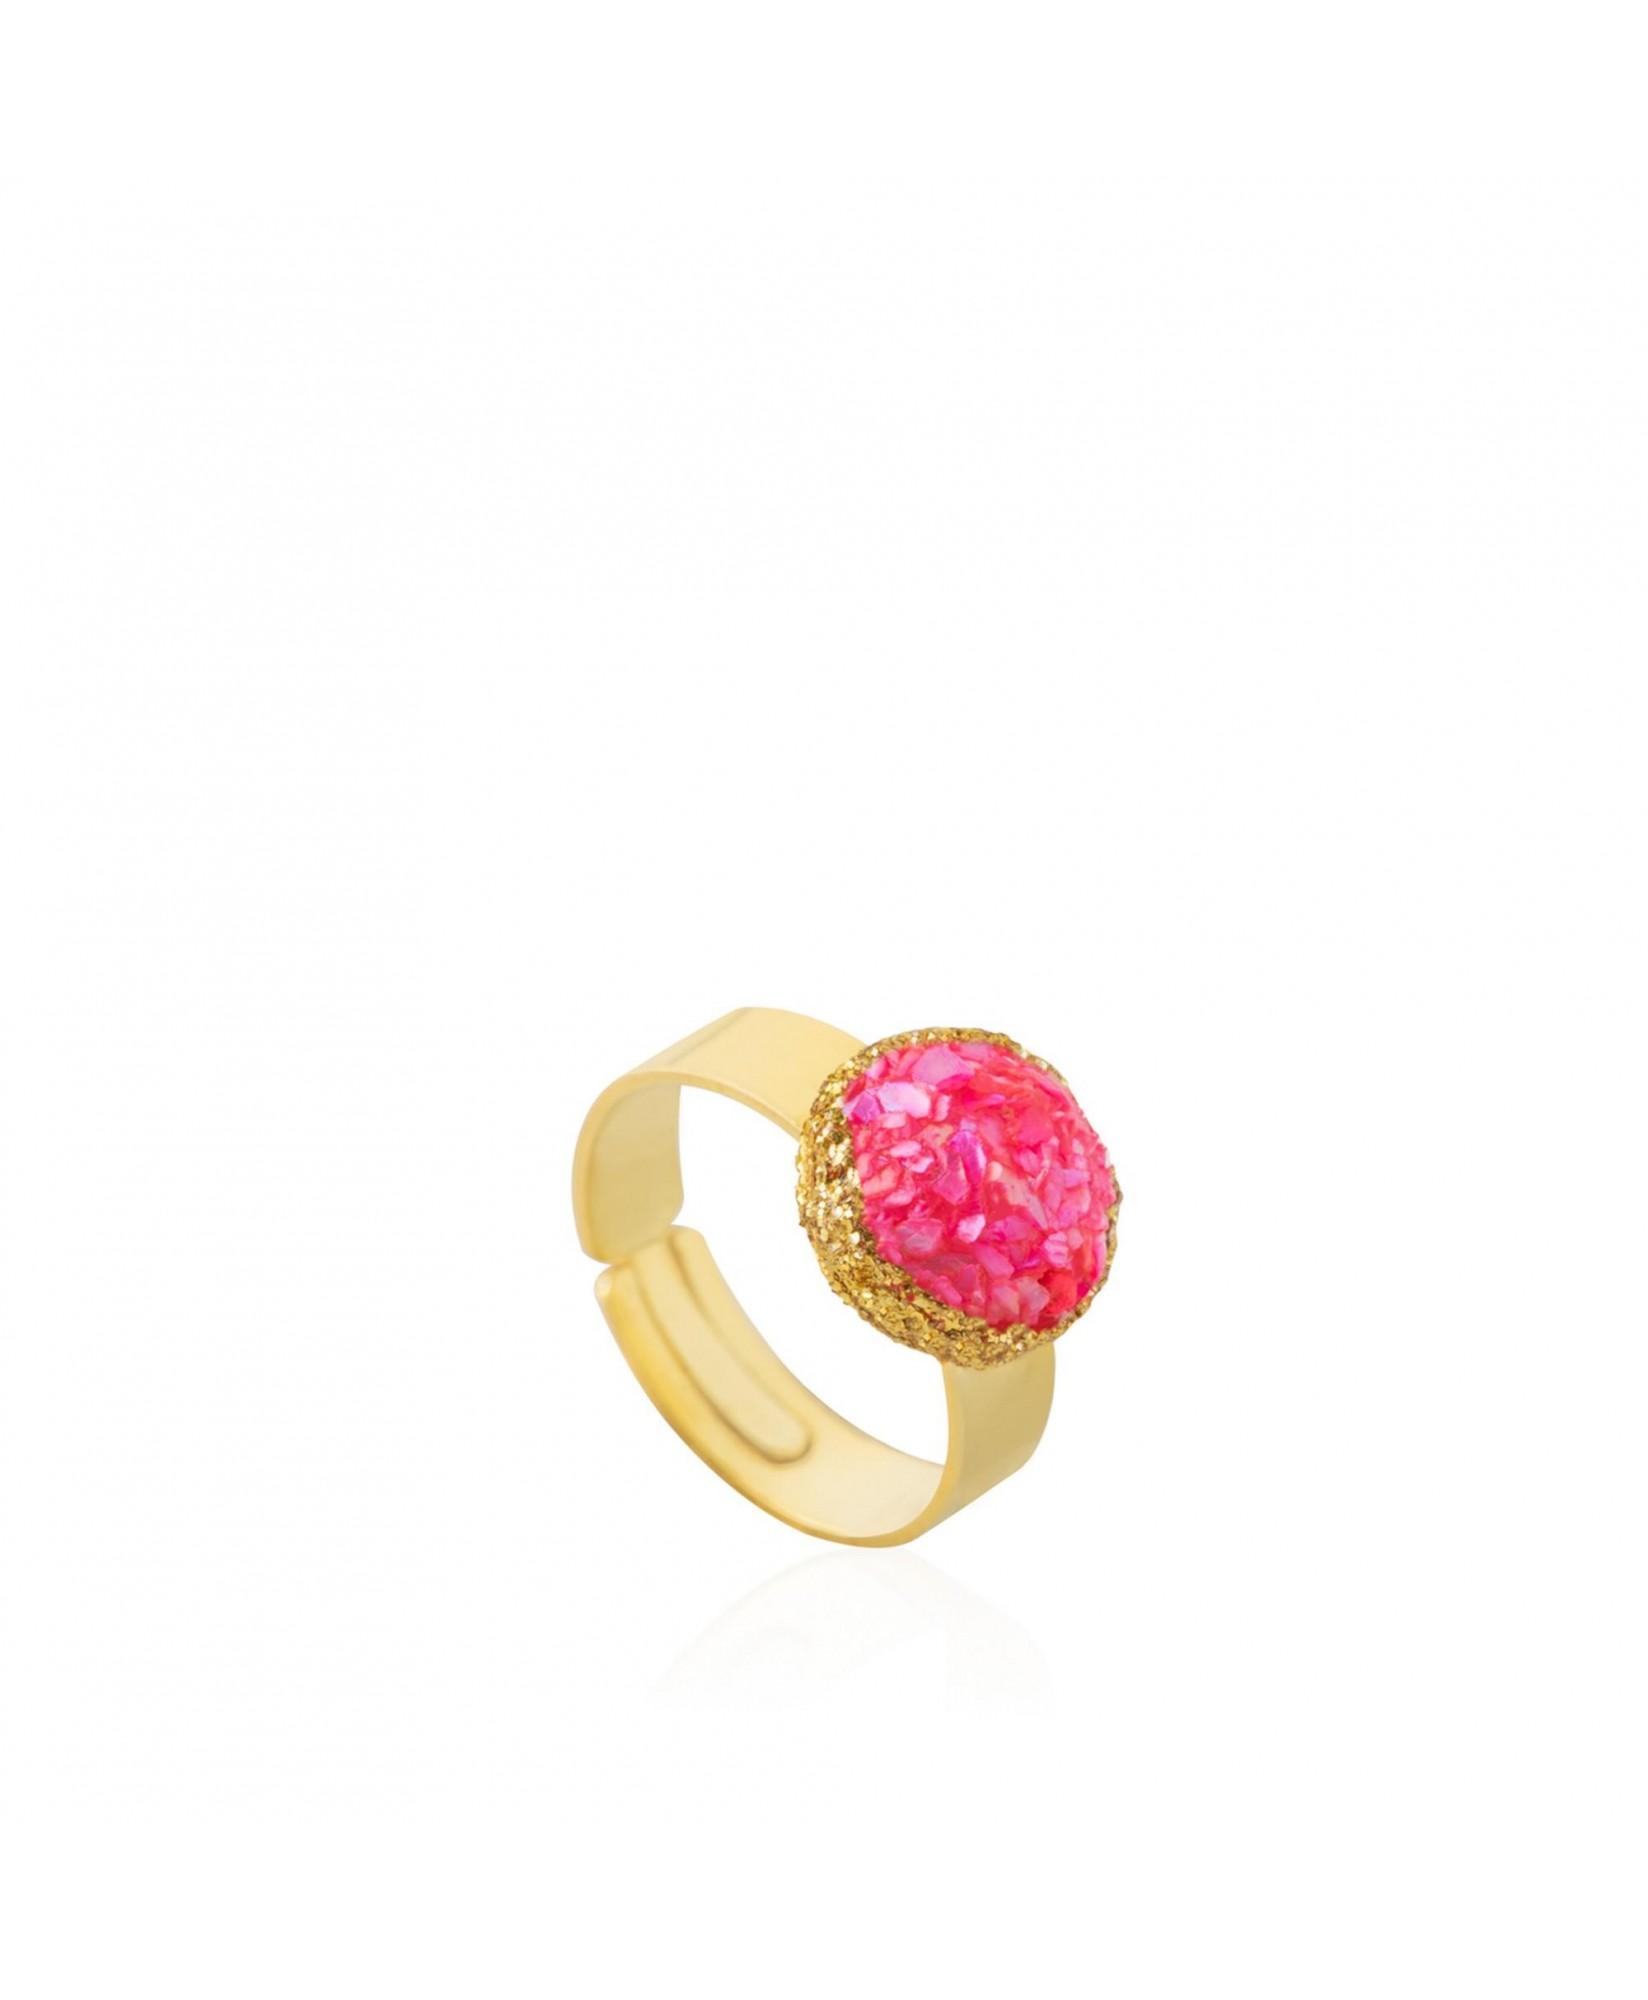 Anillo oro Doll con nácar rosa Anillo oro Doll con nácar rosa